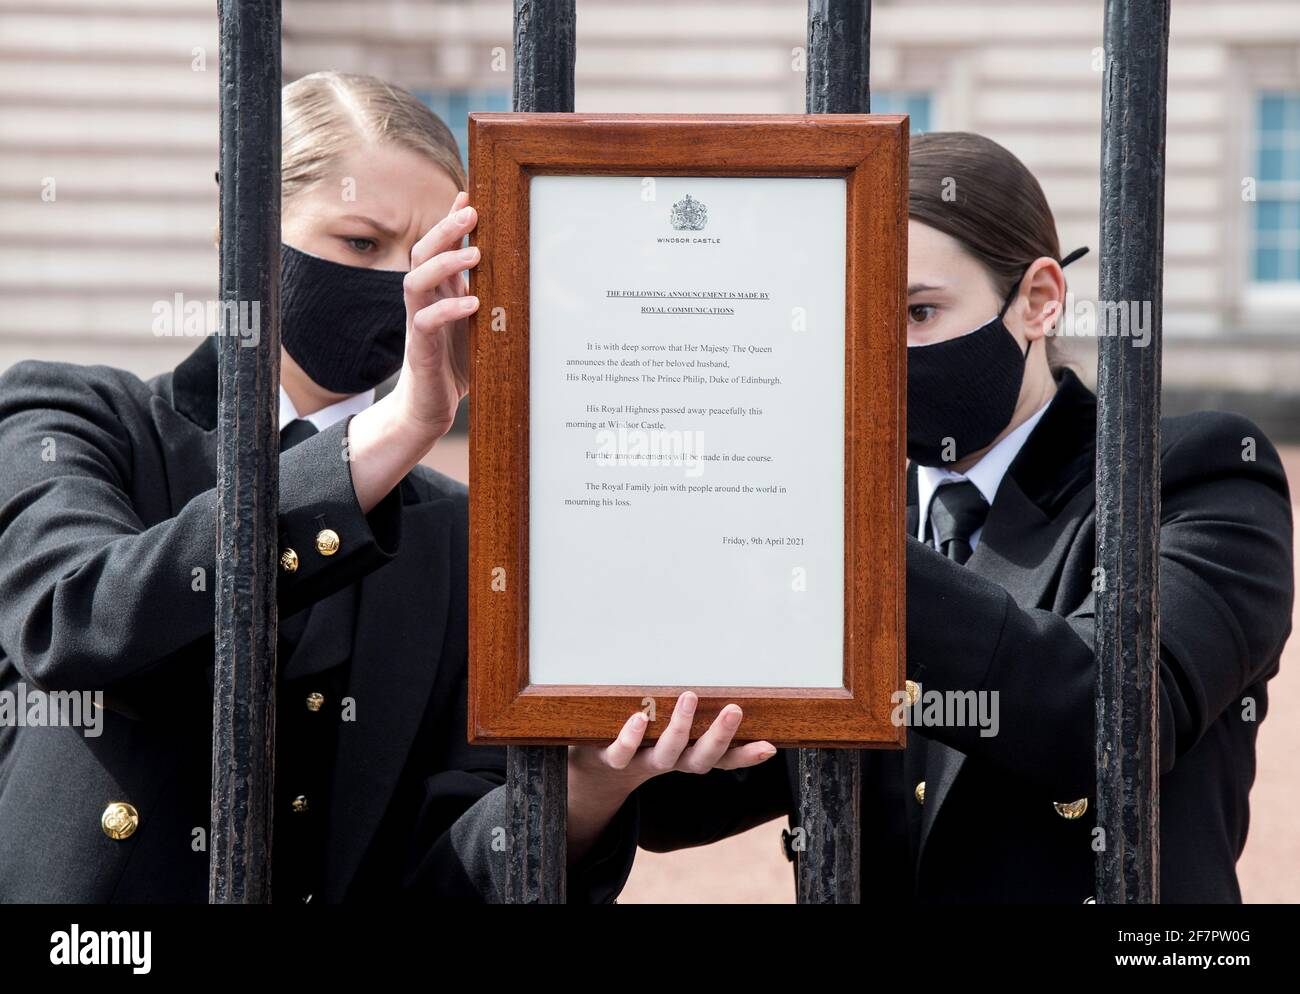 Un segno che annuncia la morte del Principe Filippo, Duca di Edimburgo, morto all'età di 99 anni, è posto alle porte di Buckingham Palace, a Londra, in Gran Bretagna, il 9 aprile 2021. Ian West/piscina via REUTERS Foto Stock